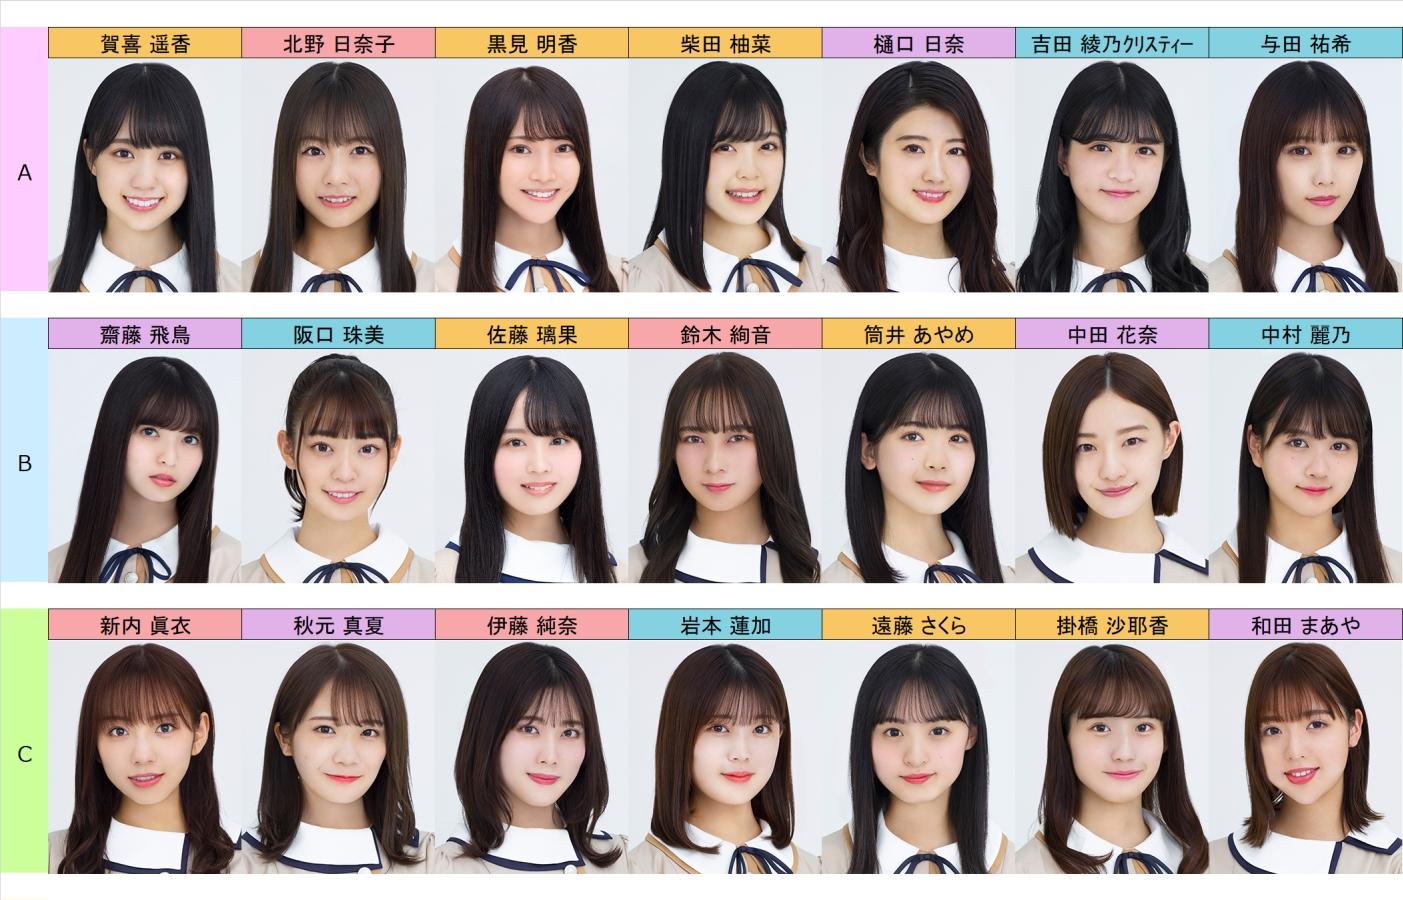 第2回「乃木恋大合戦」A~Cチーム